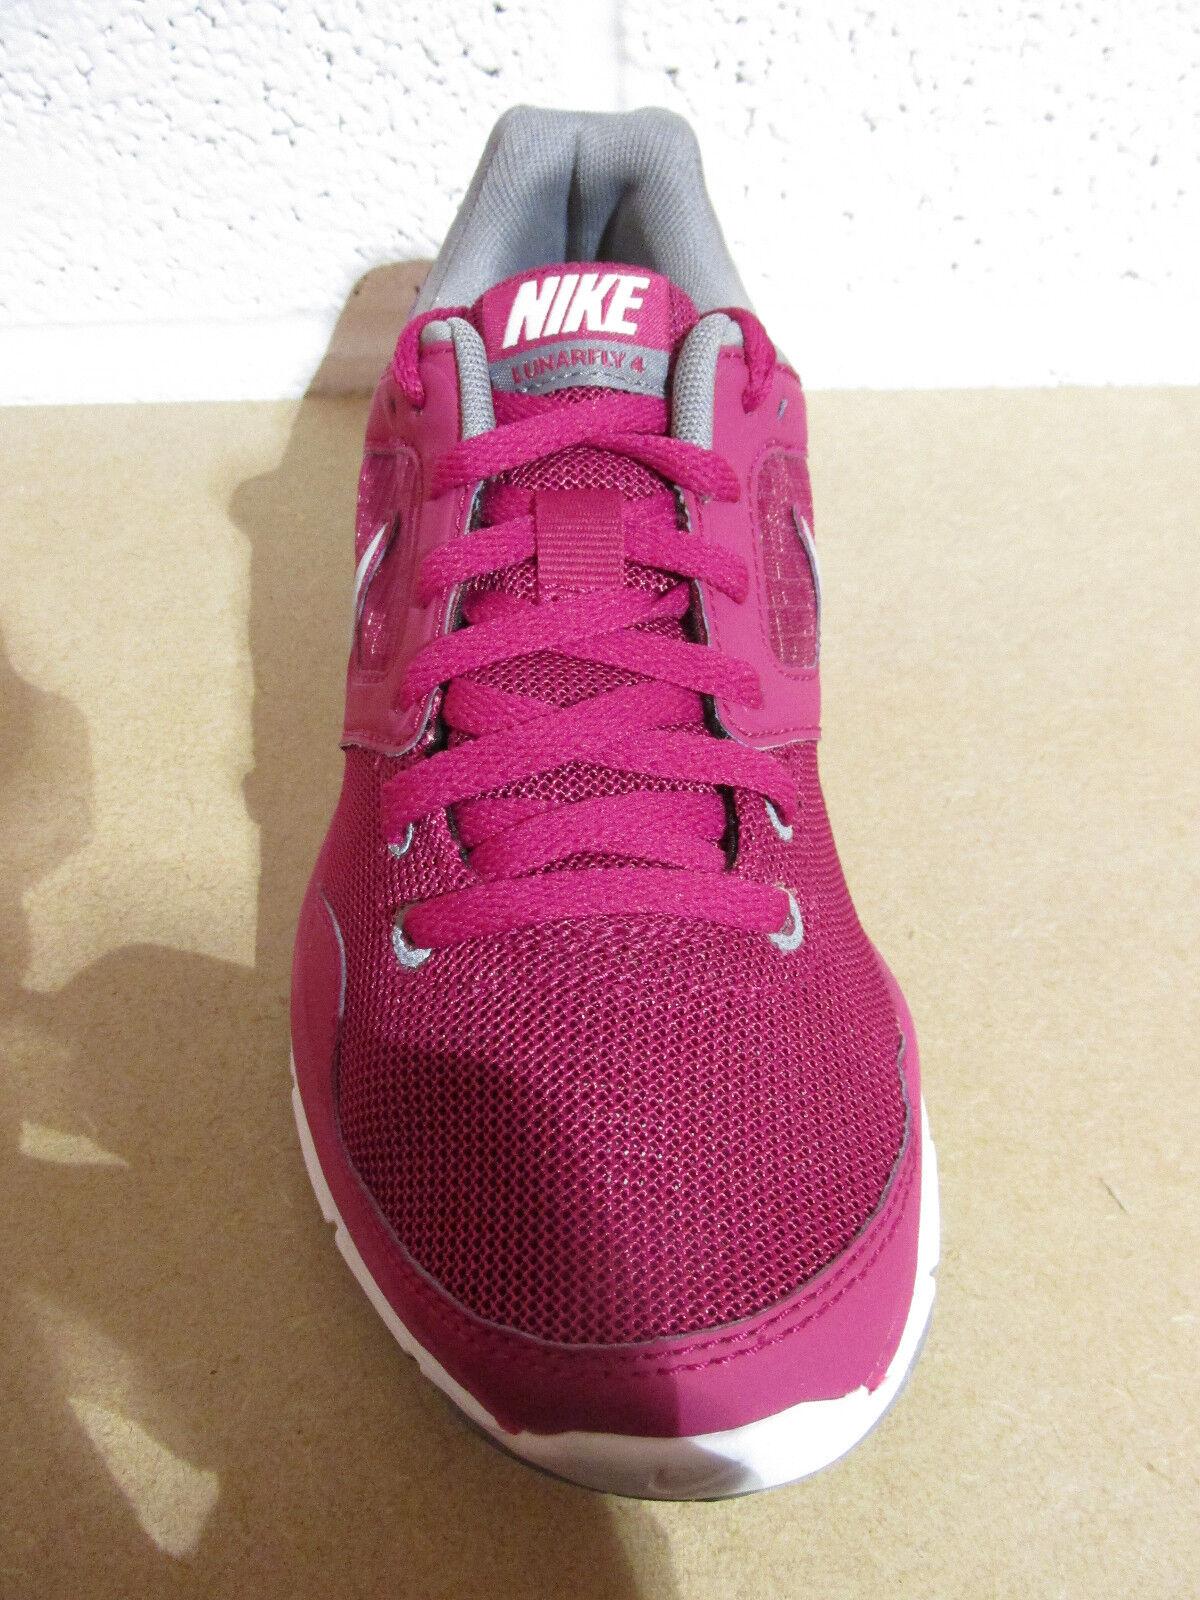 Nike lunarcharge esencial (Reino Caja Unido) Nuevo Y En Caja (Reino 9188ad